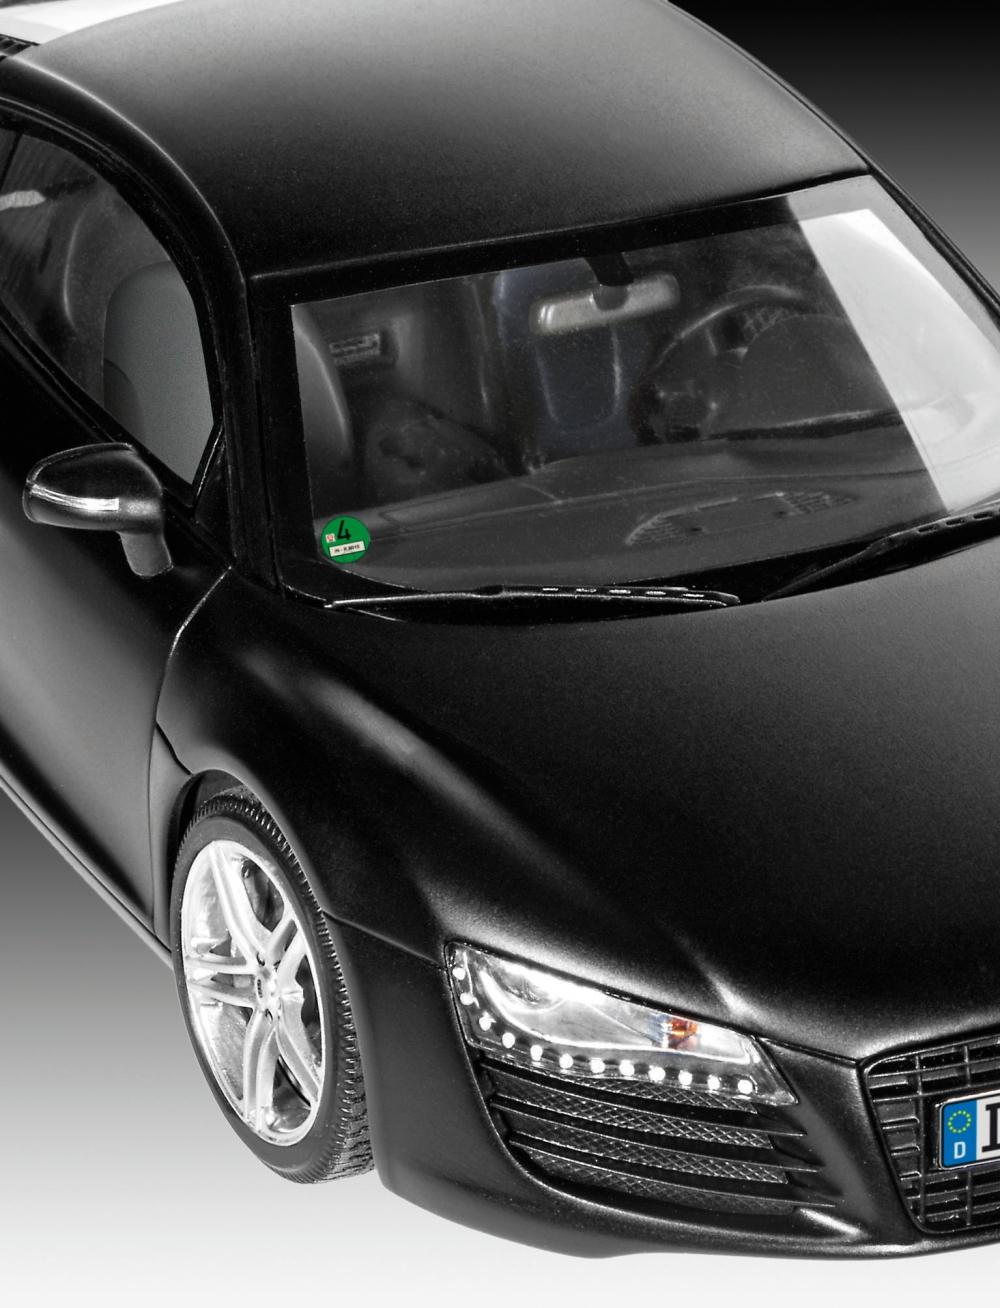 REVELL REV REV REV AUDI R AUDI - Audi car 8 seater